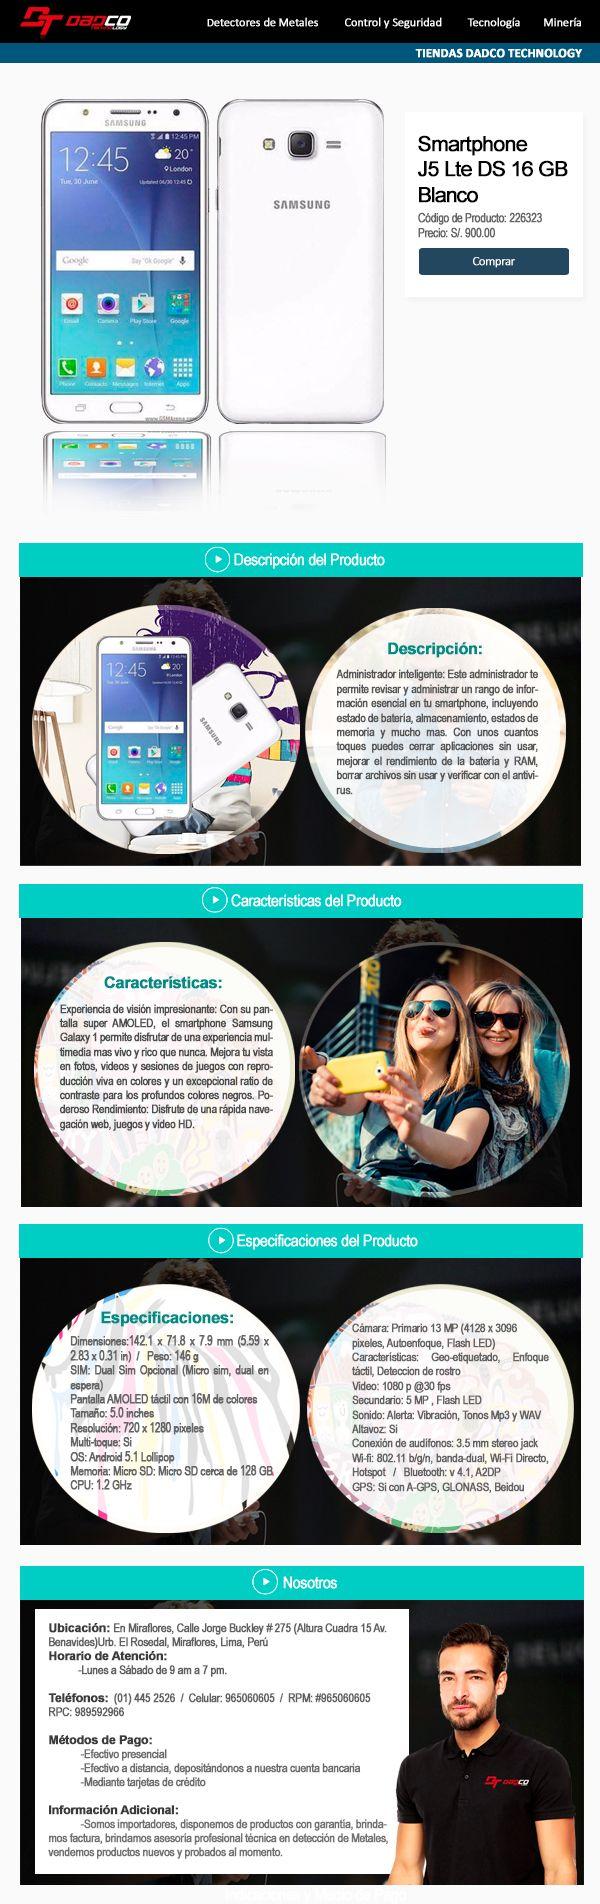 Con su pantalla super AMOLED, el smartphone Samsung Galaxy 1 permite disfrutar de una experiencia multimedia más increible que nunca. Mejora tu vista en fotos, videos y sesiones de juegos con reproducción viva en colores y un excepcional ratio de contraste para los profundos colores negros. (Más información del producto en la página Web)